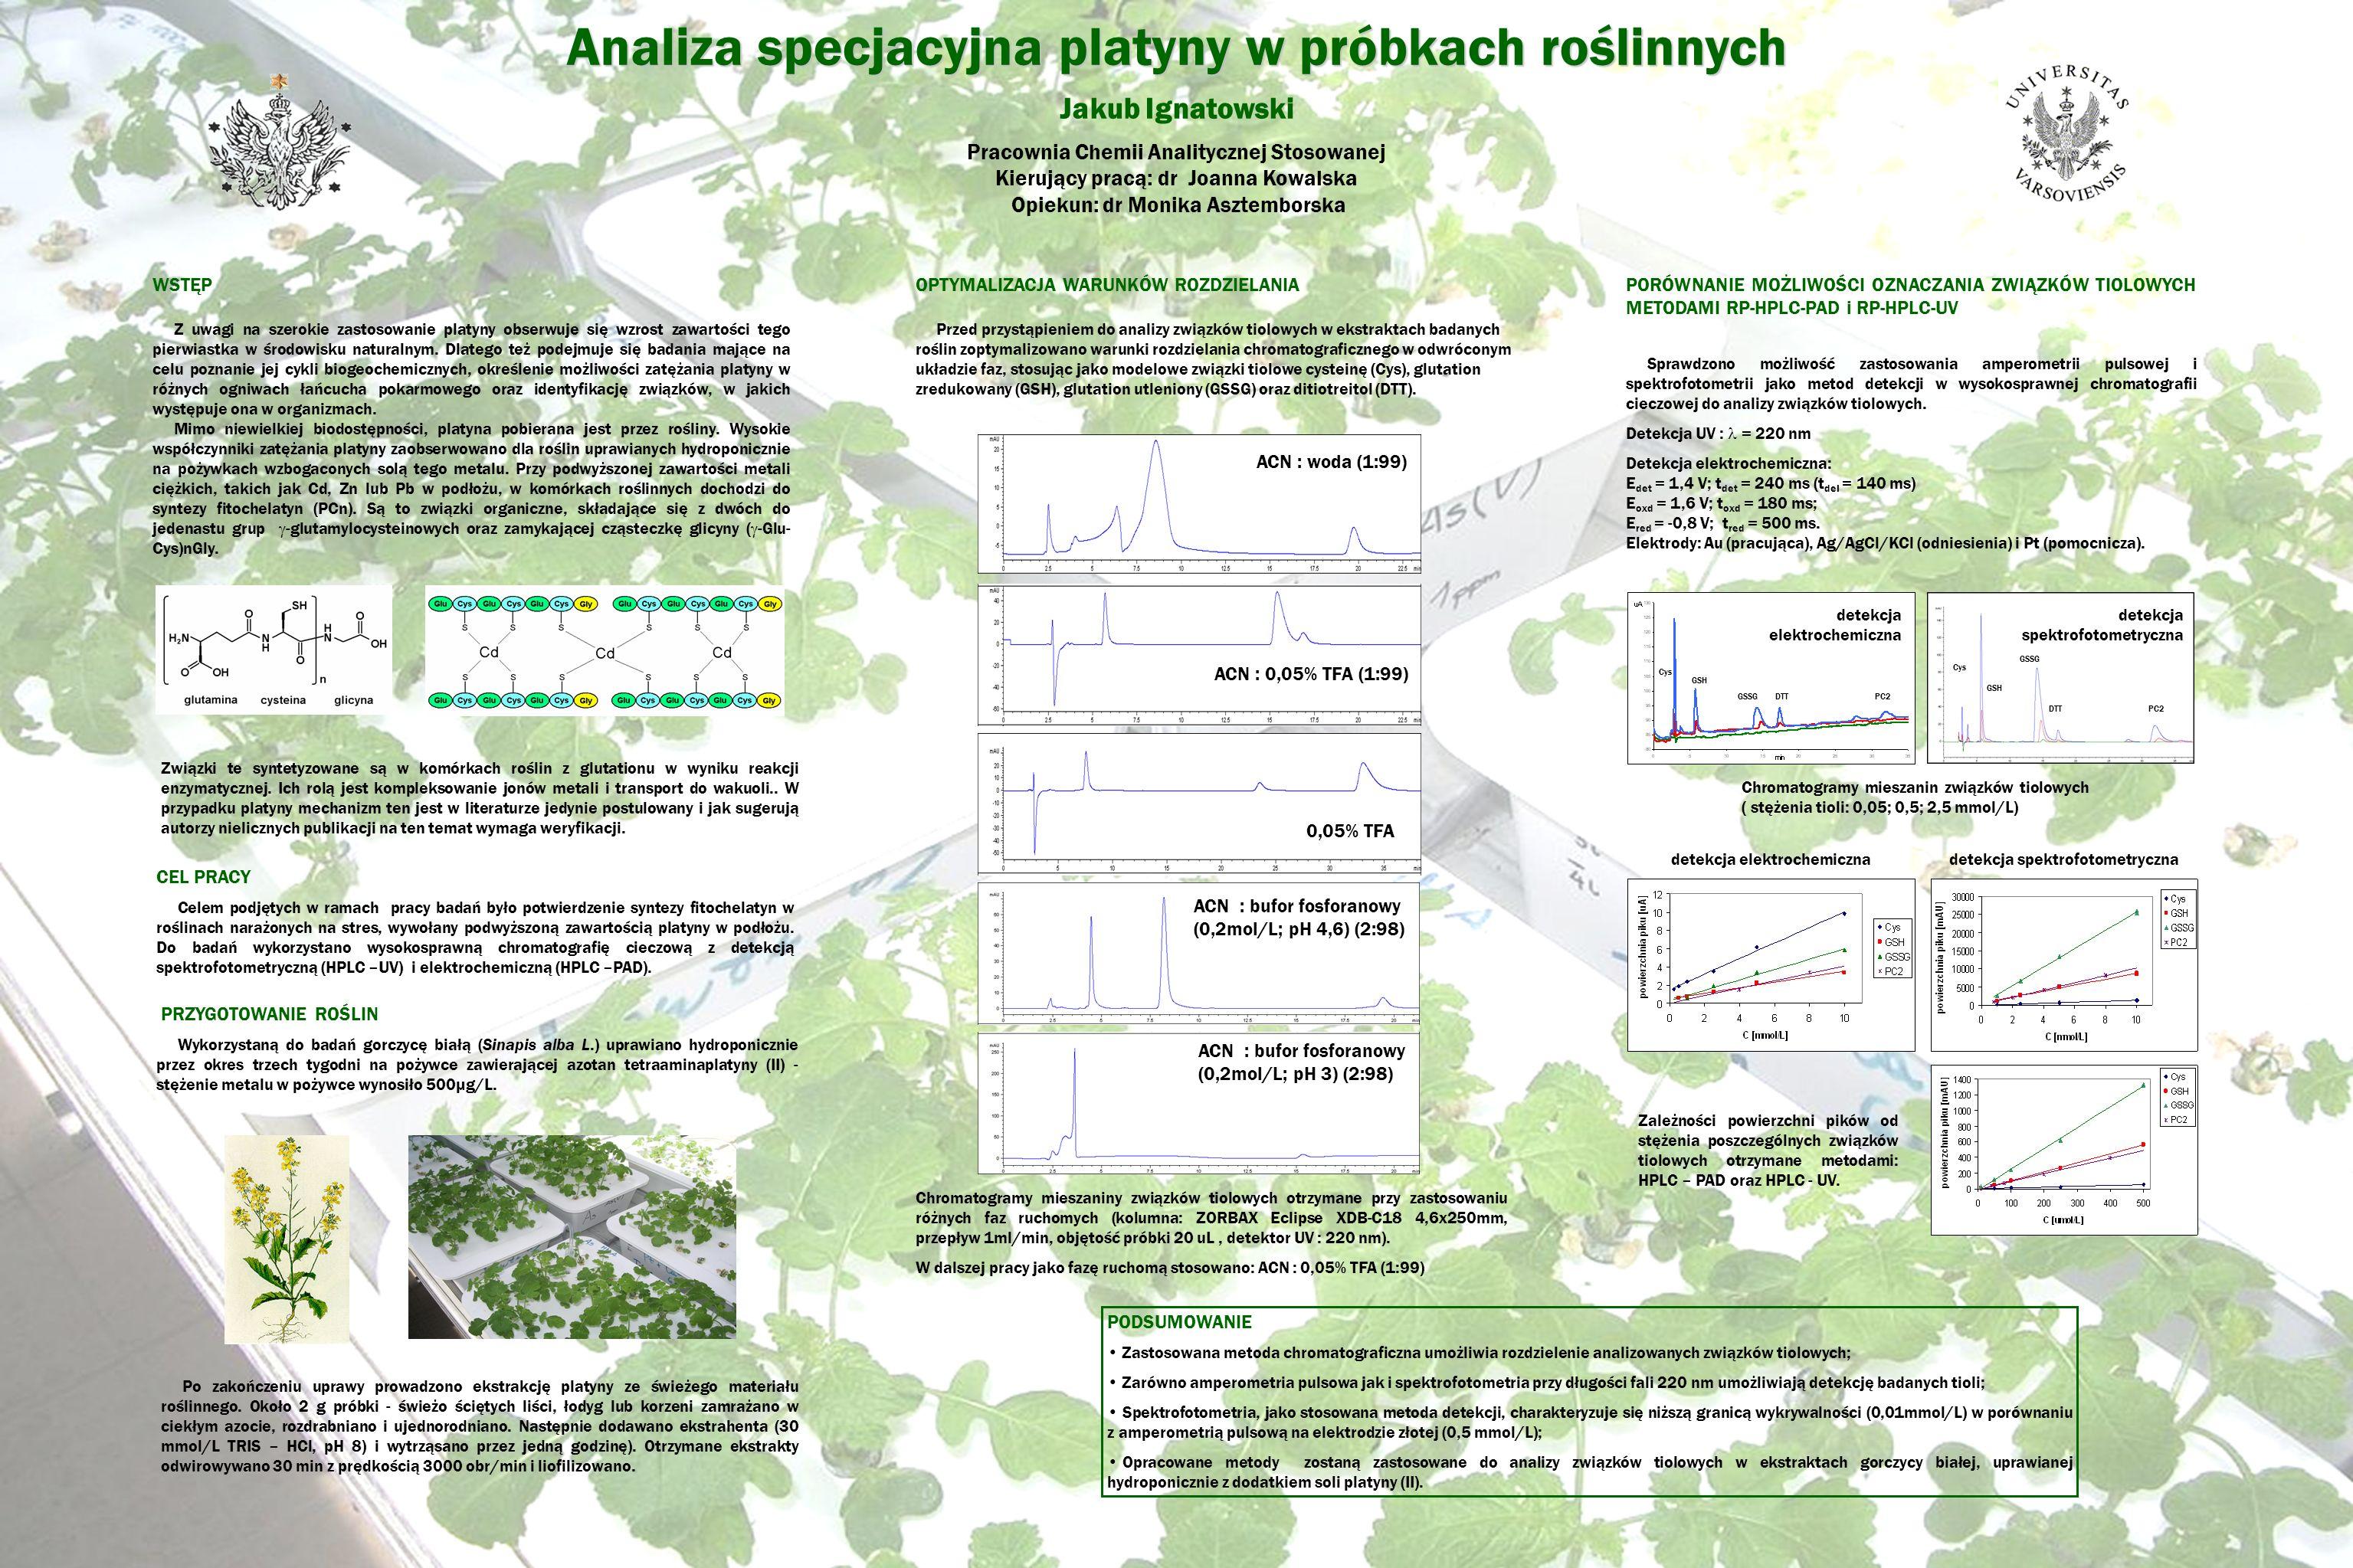 Analiza specjacyjna platyny w próbkach roślinnych